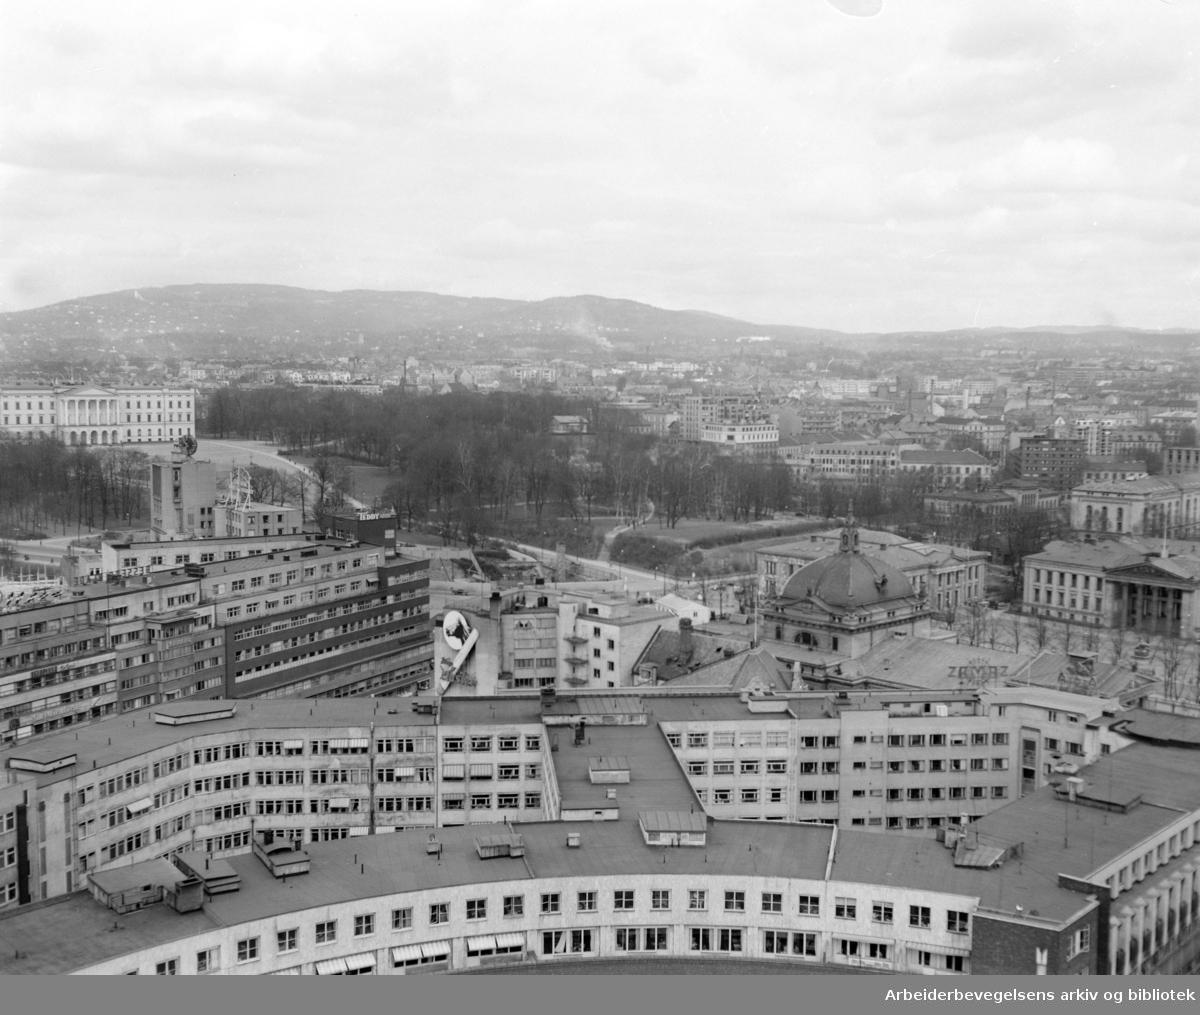 Vika. Utsikt fra Rådhuset. April 1956